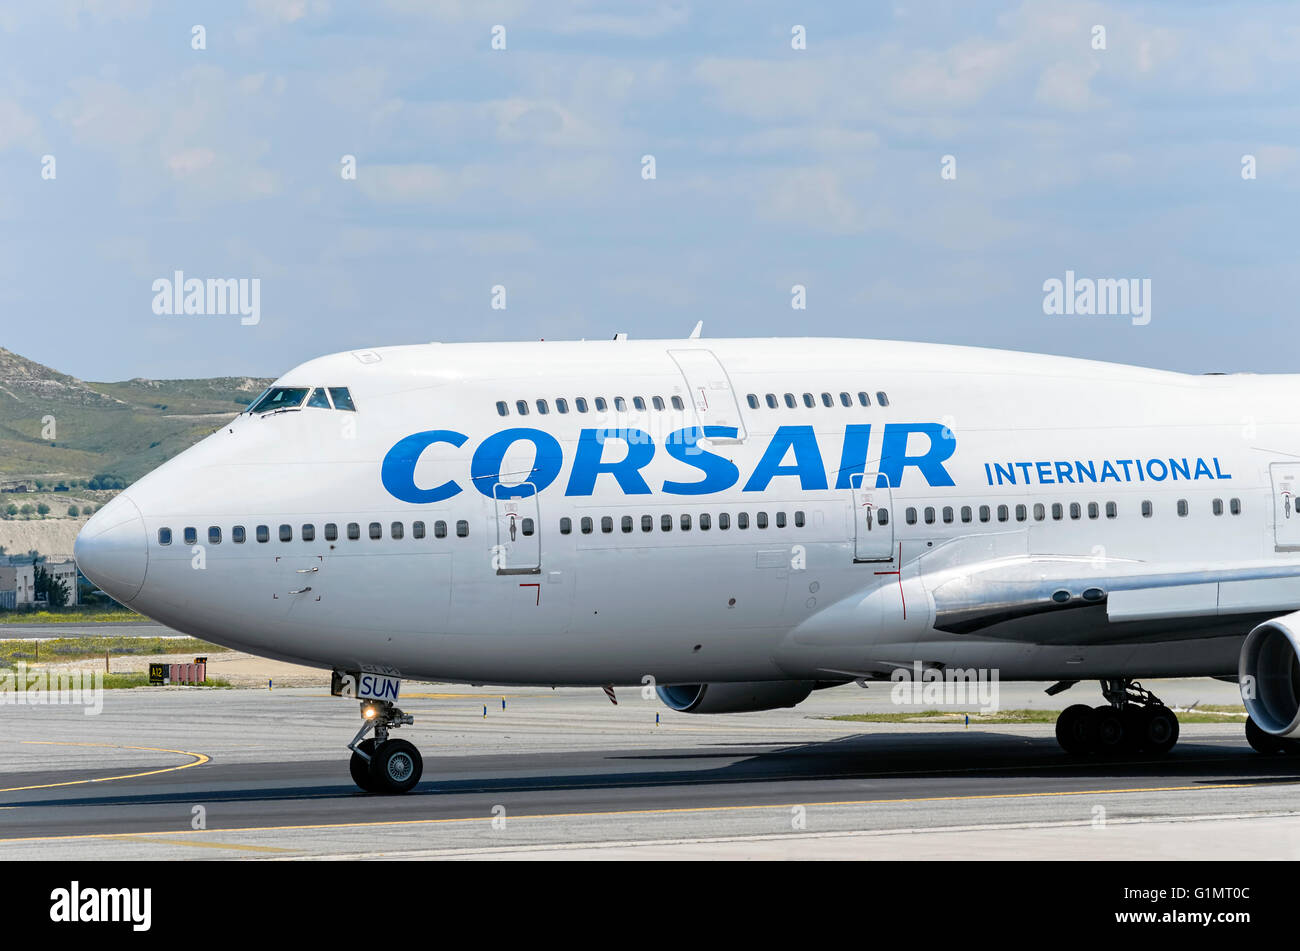 Beautiful boeing 747 corsair interieur pictures trend for Interieur 747 corsair